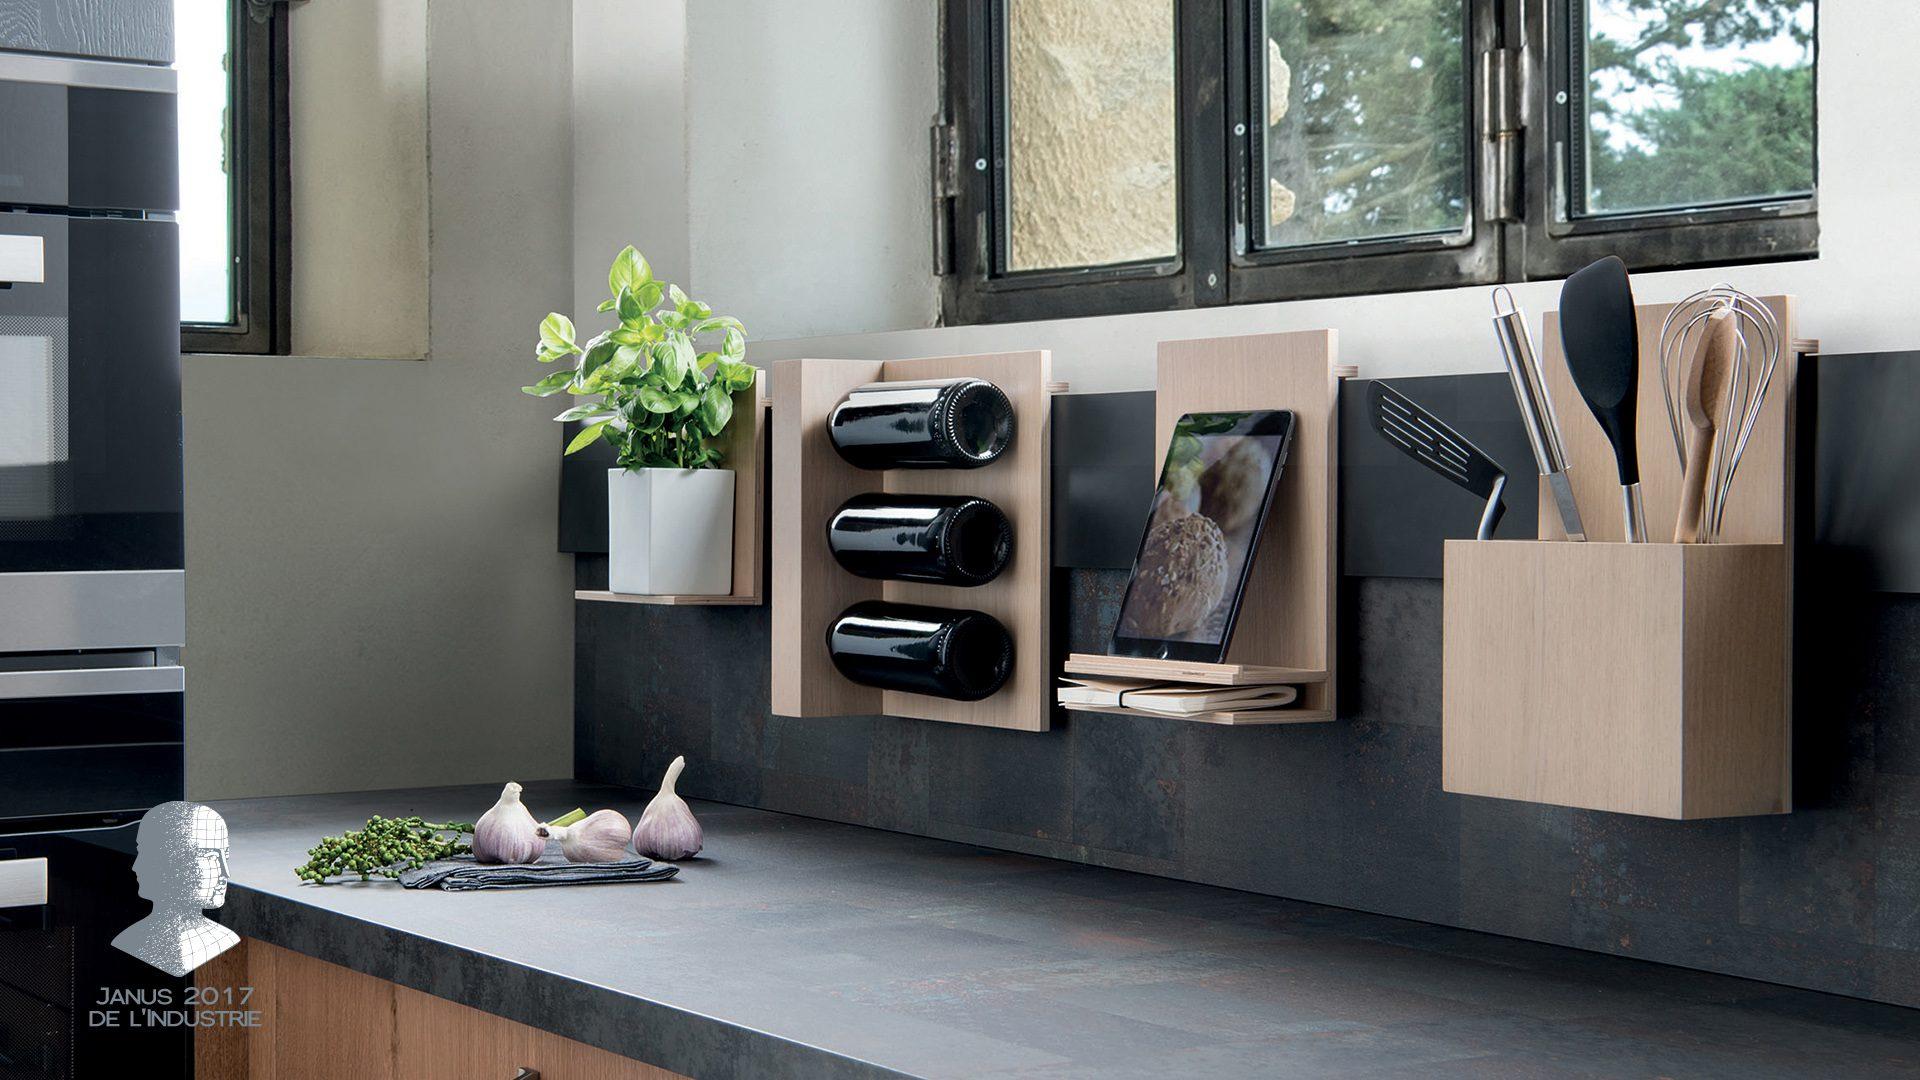 Accessoires de cuisine design nouveaux mod les de maison for Accessoire de cuisine design